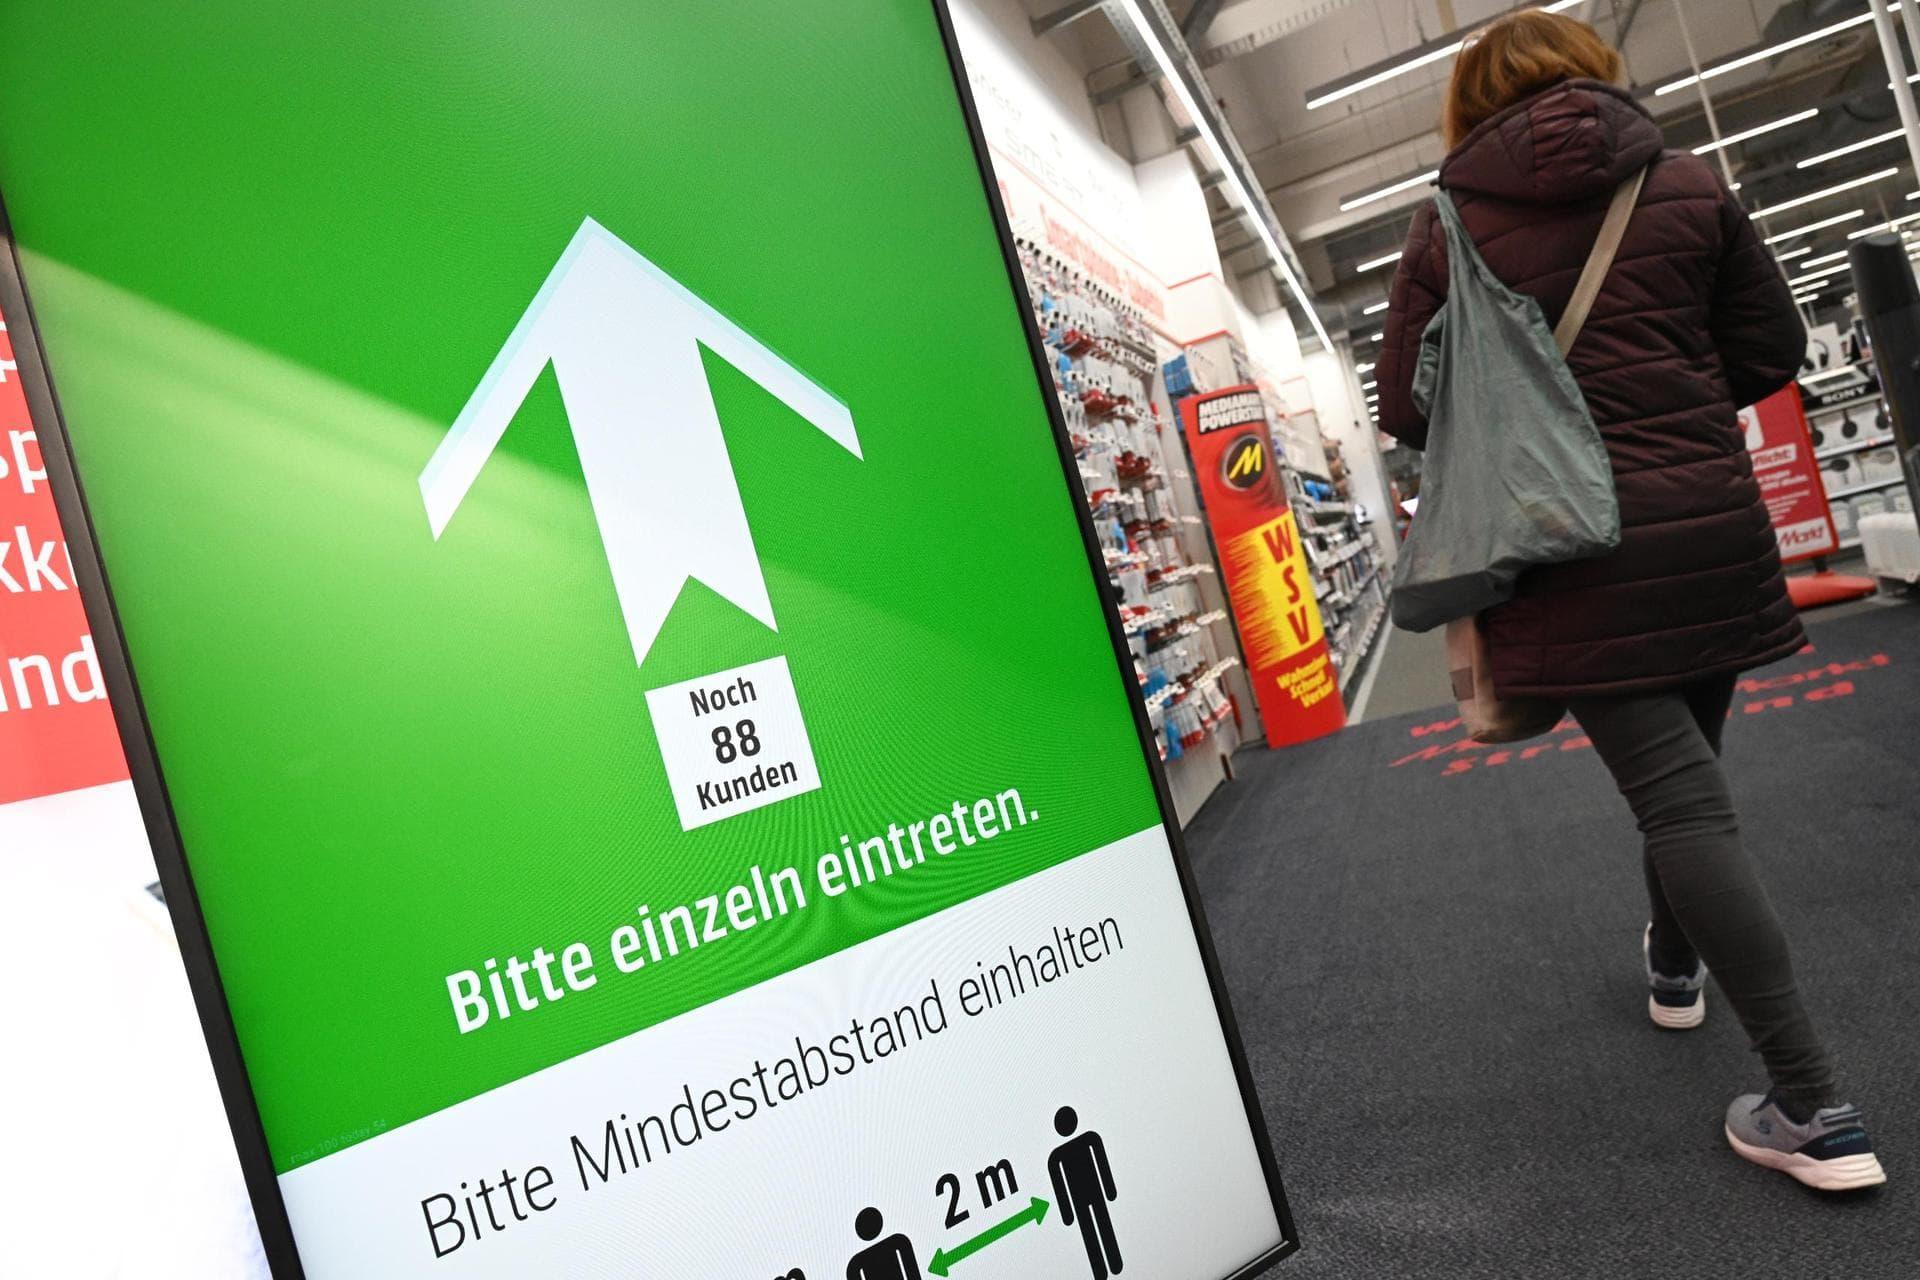 Inzidenz unter 100 – jetzt gibt es bei uns Corona-Lockerungen! Diese neuen Regelungen gelten seit Donnerstag im Landkreis und ab Samstag in der Stadt Regensburg